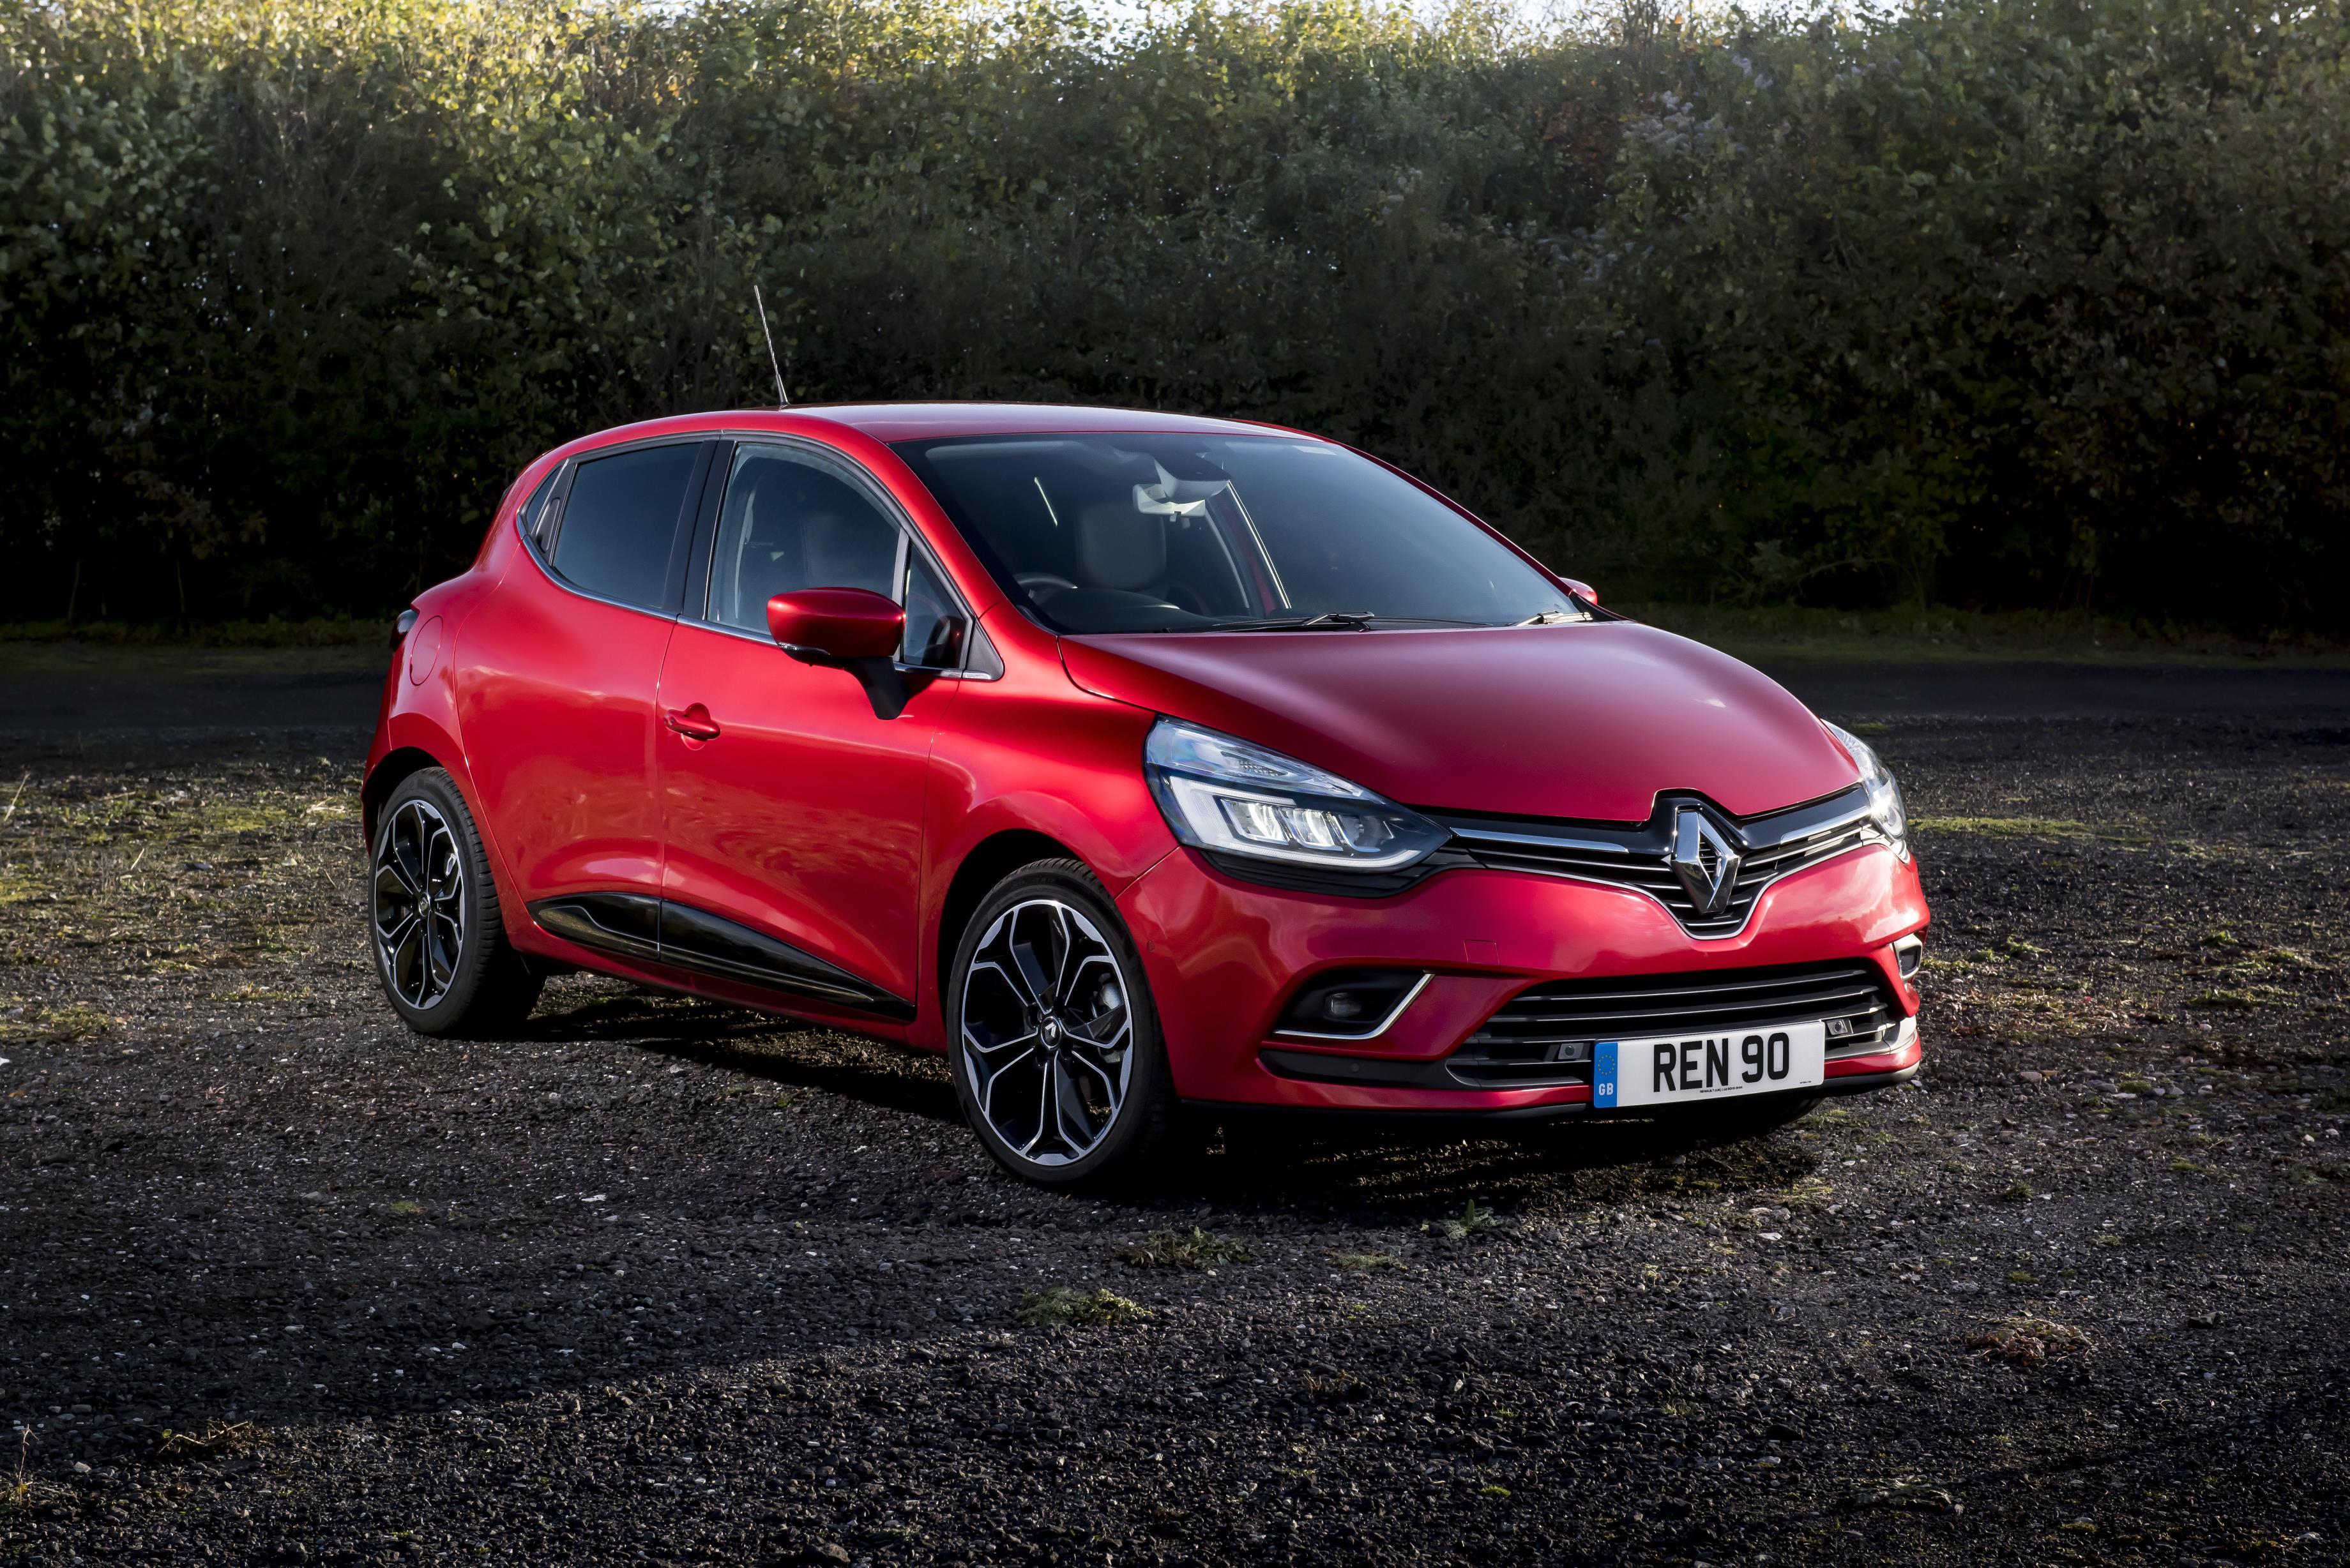 Renault Clio 2017 >> 2017 Renault Clio Goes Upmarket Thanks To Signature Nav Trim